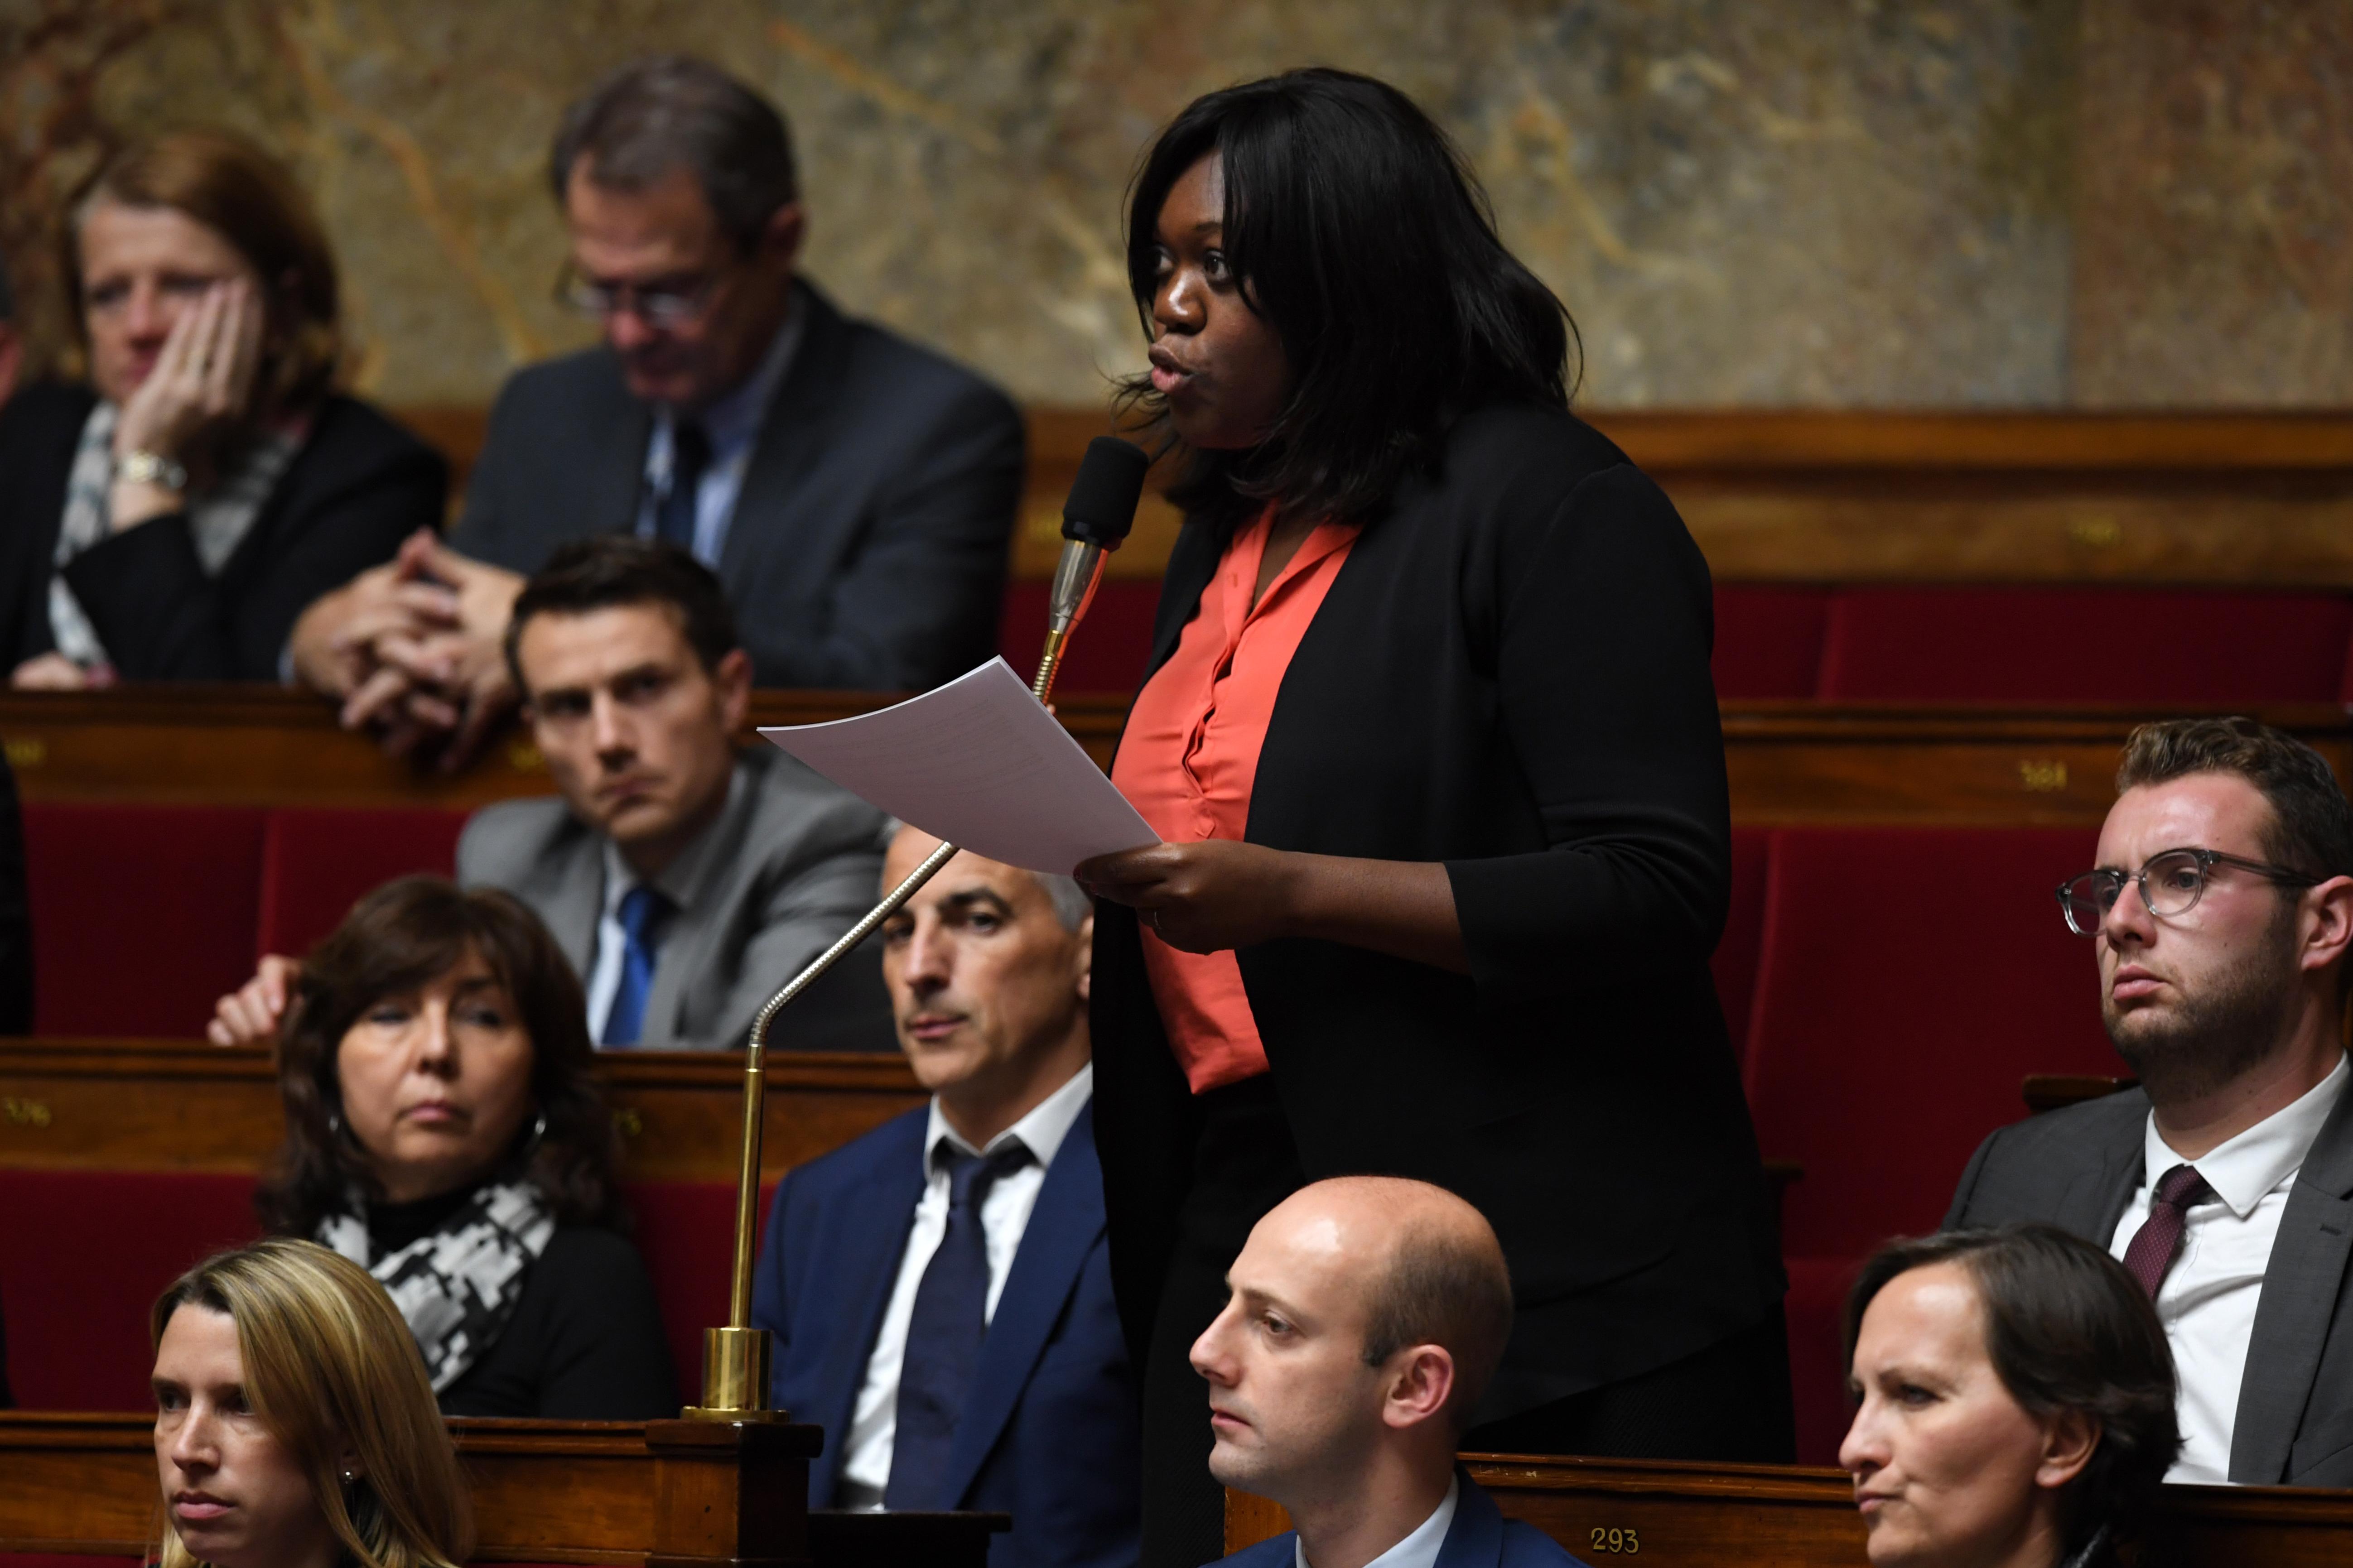 Insultée et menacée, la députée Laetitia Avia porte plainte